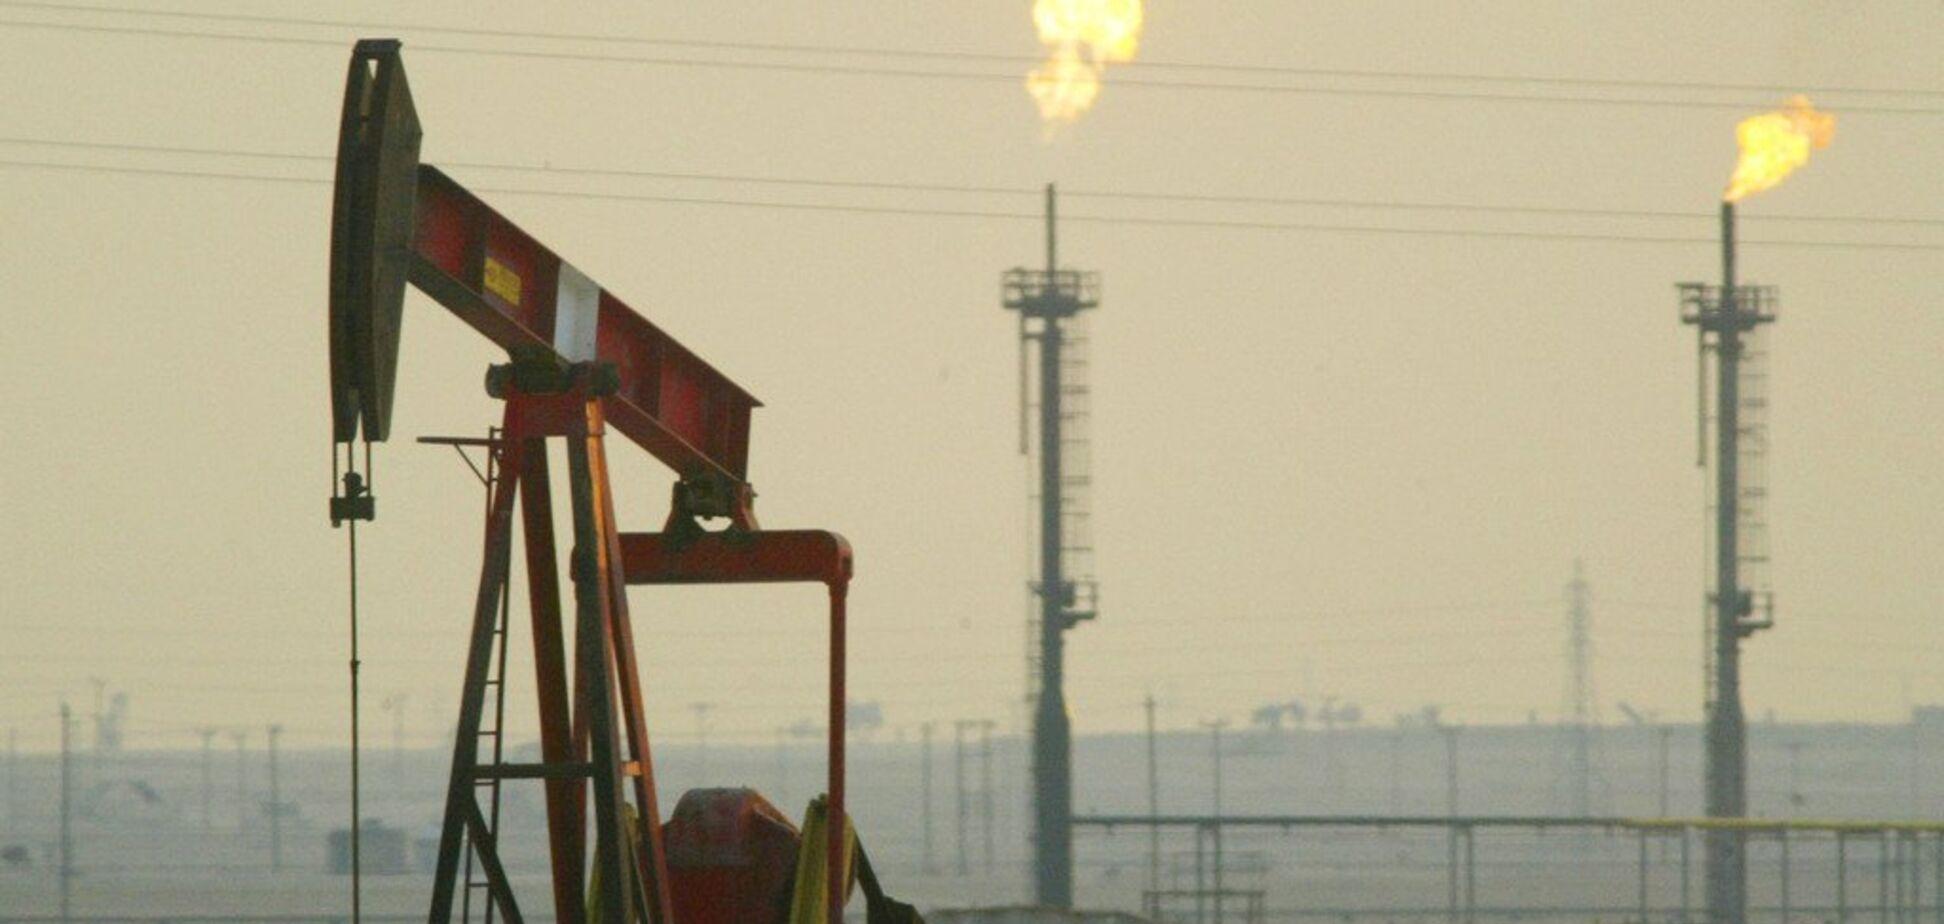 Катар оголосив про остаточне рішення покинути ОПЕК: якими будуть наслідки